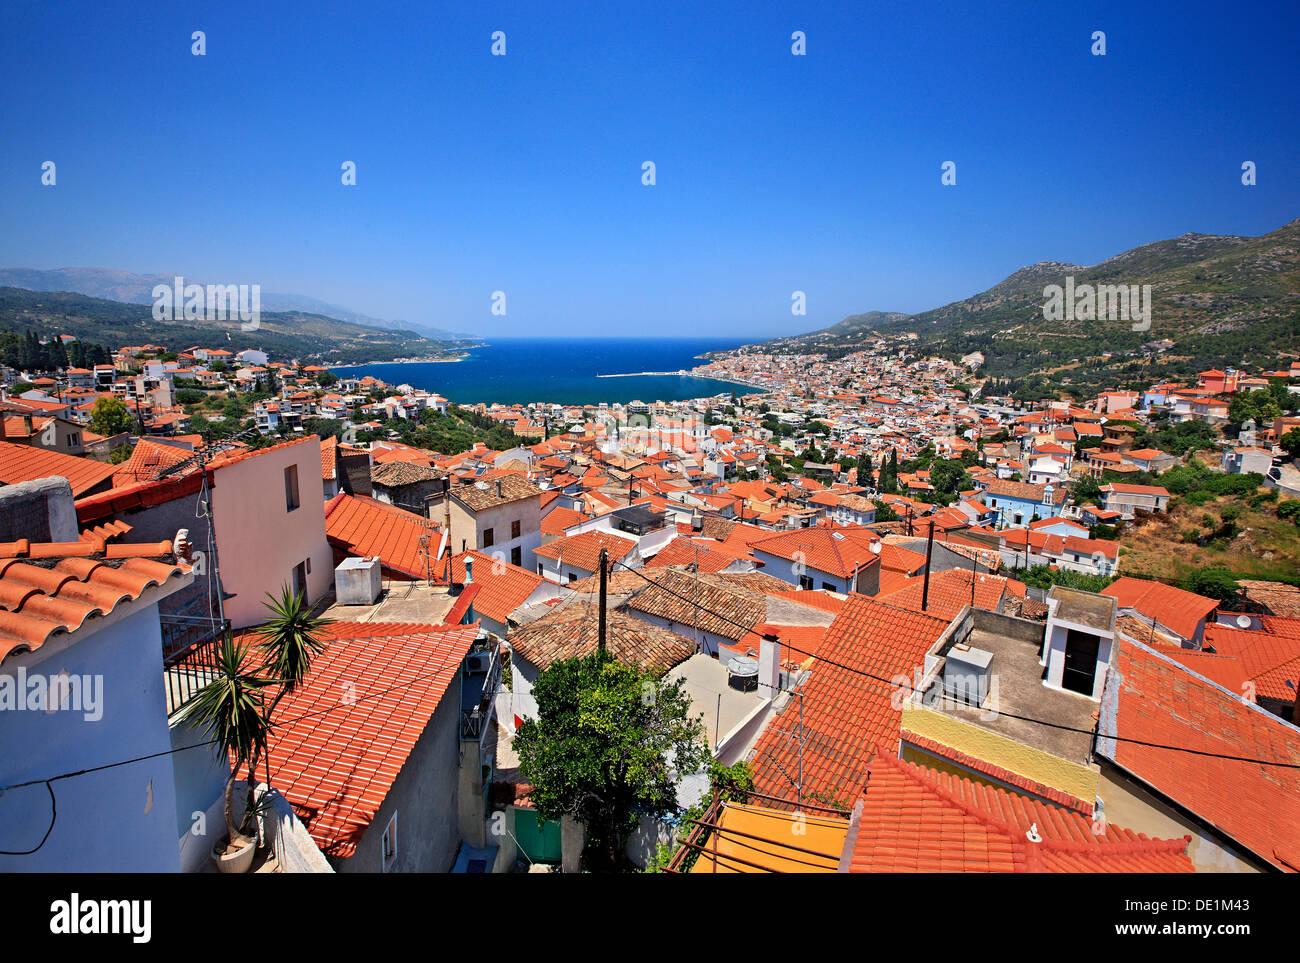 Panoramablick auf Samos-Stadt (Vathi), Samos Insel, Ägäis, Griechenland. Stockbild